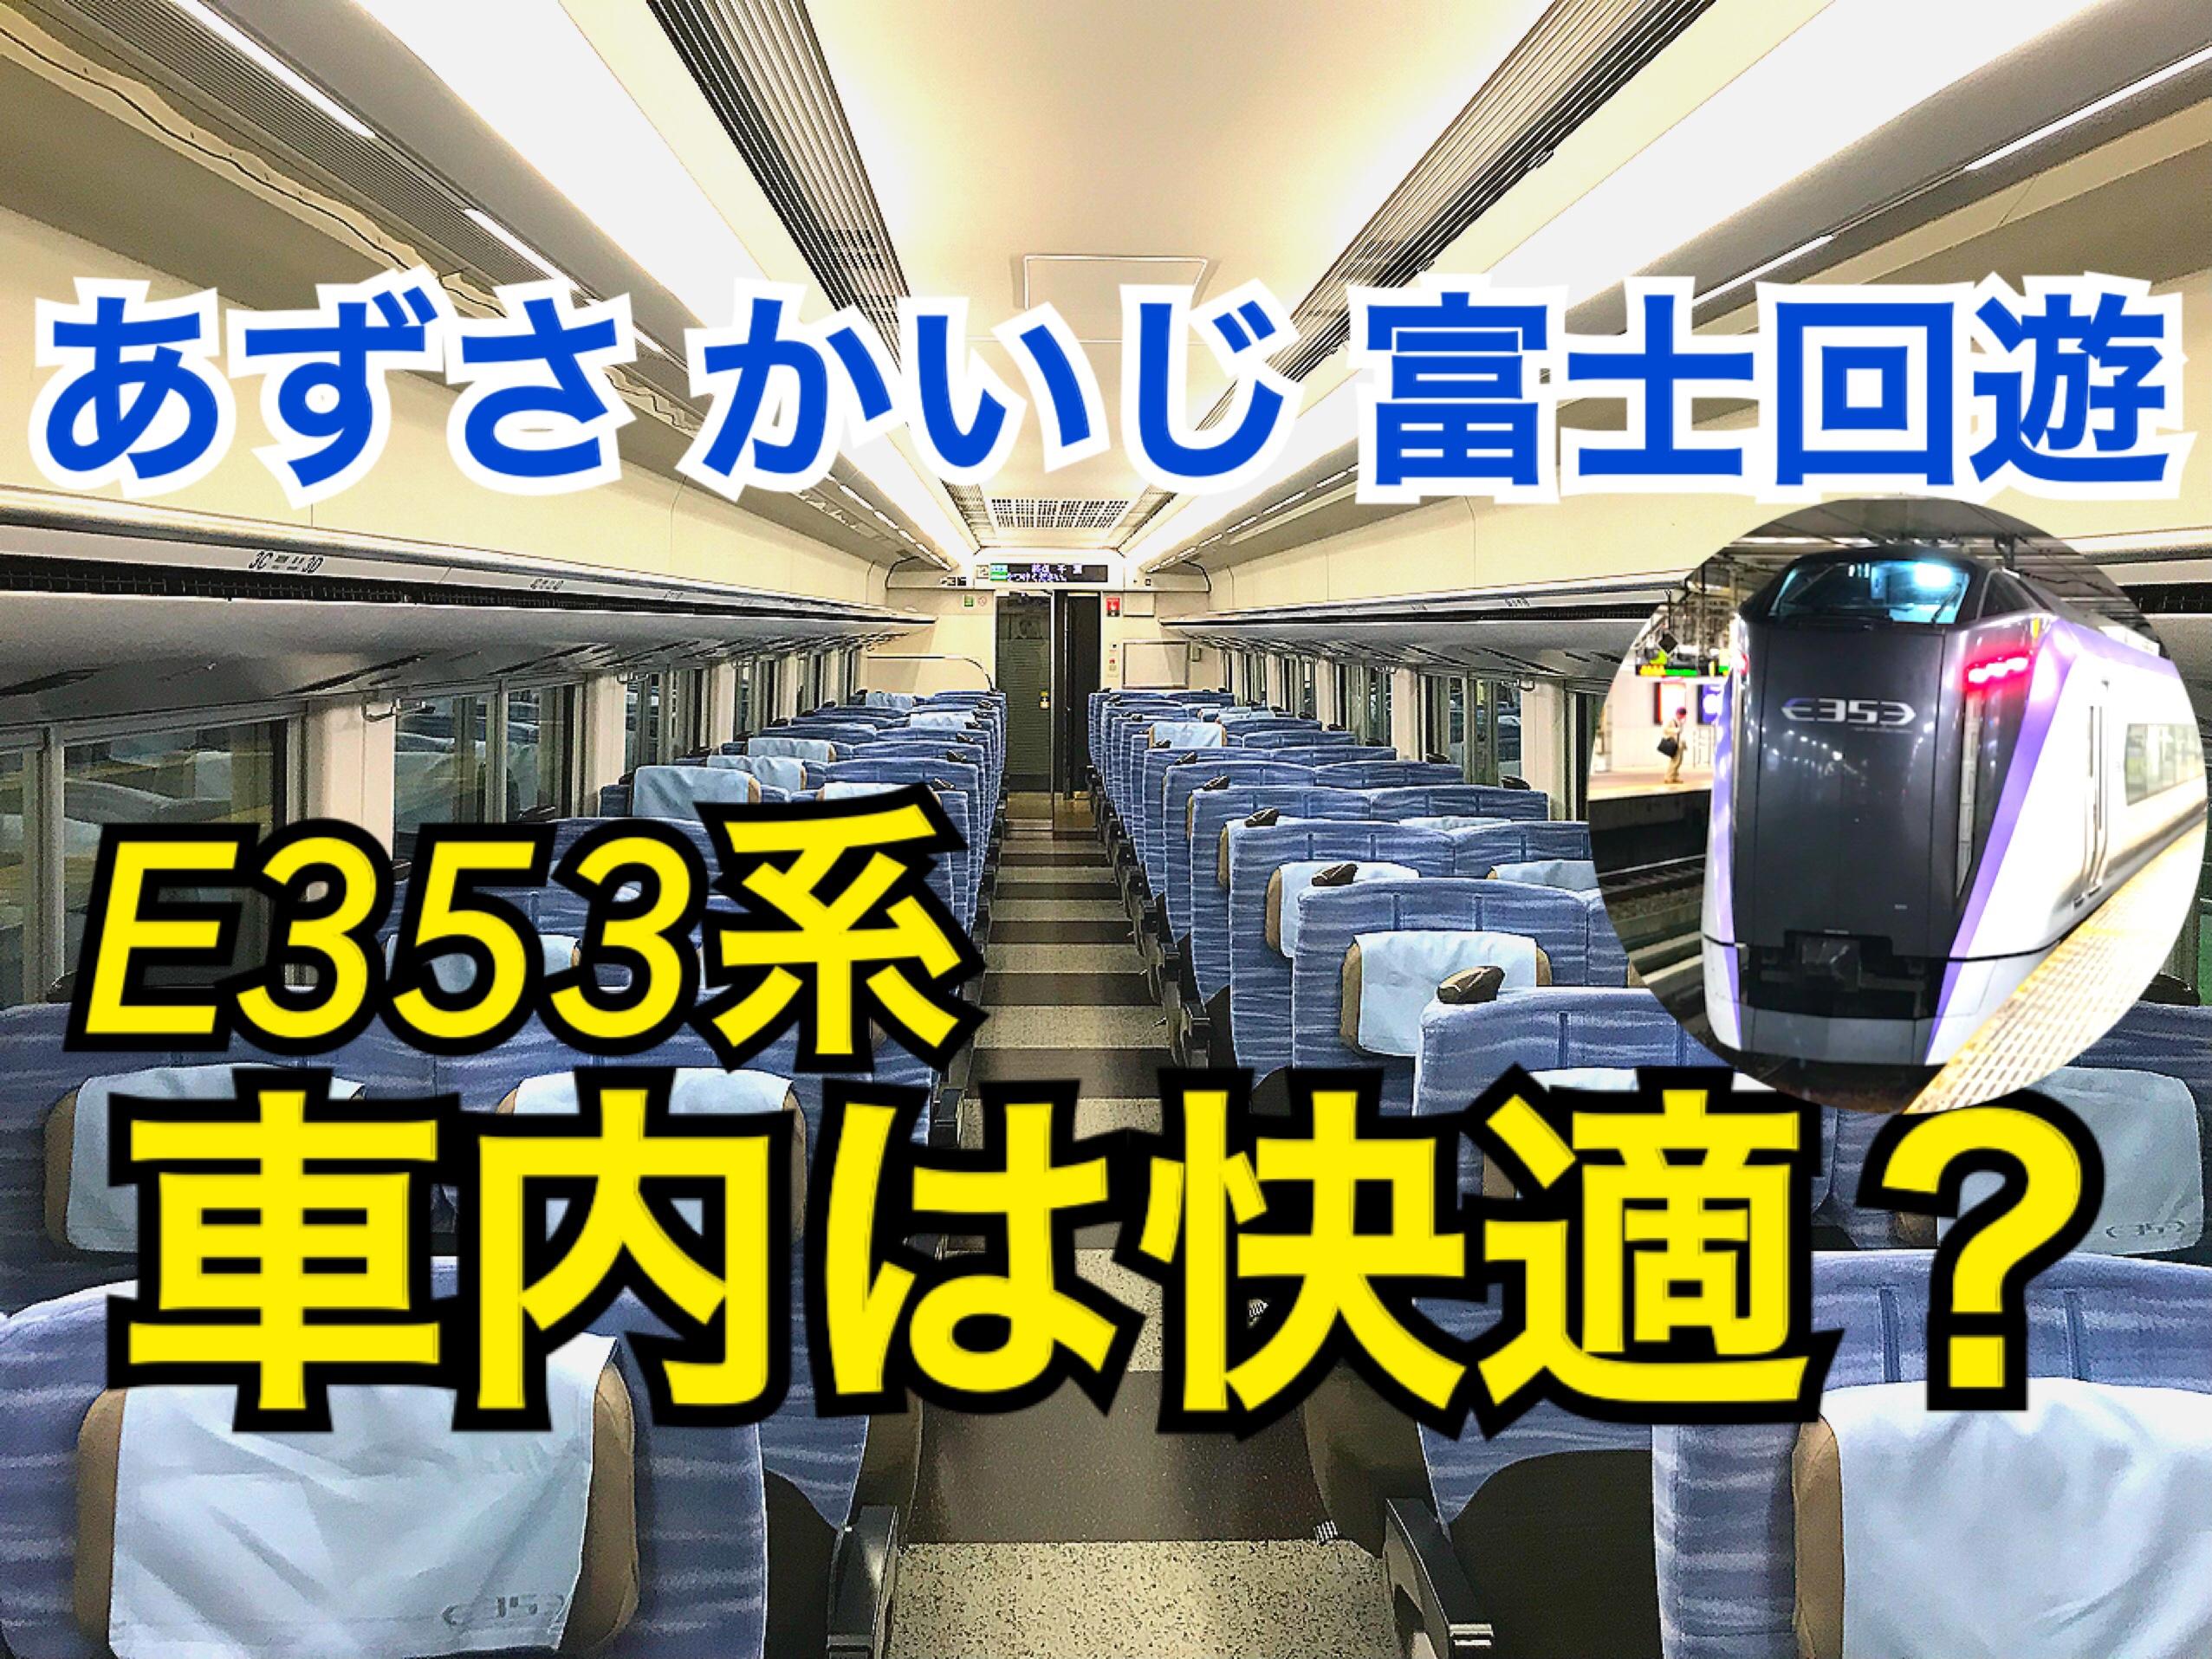 あずさ・かいじ・富士回遊のE353系普通車の車内、座席をご紹介!JR東日本の特急は快適!【山梨千葉】